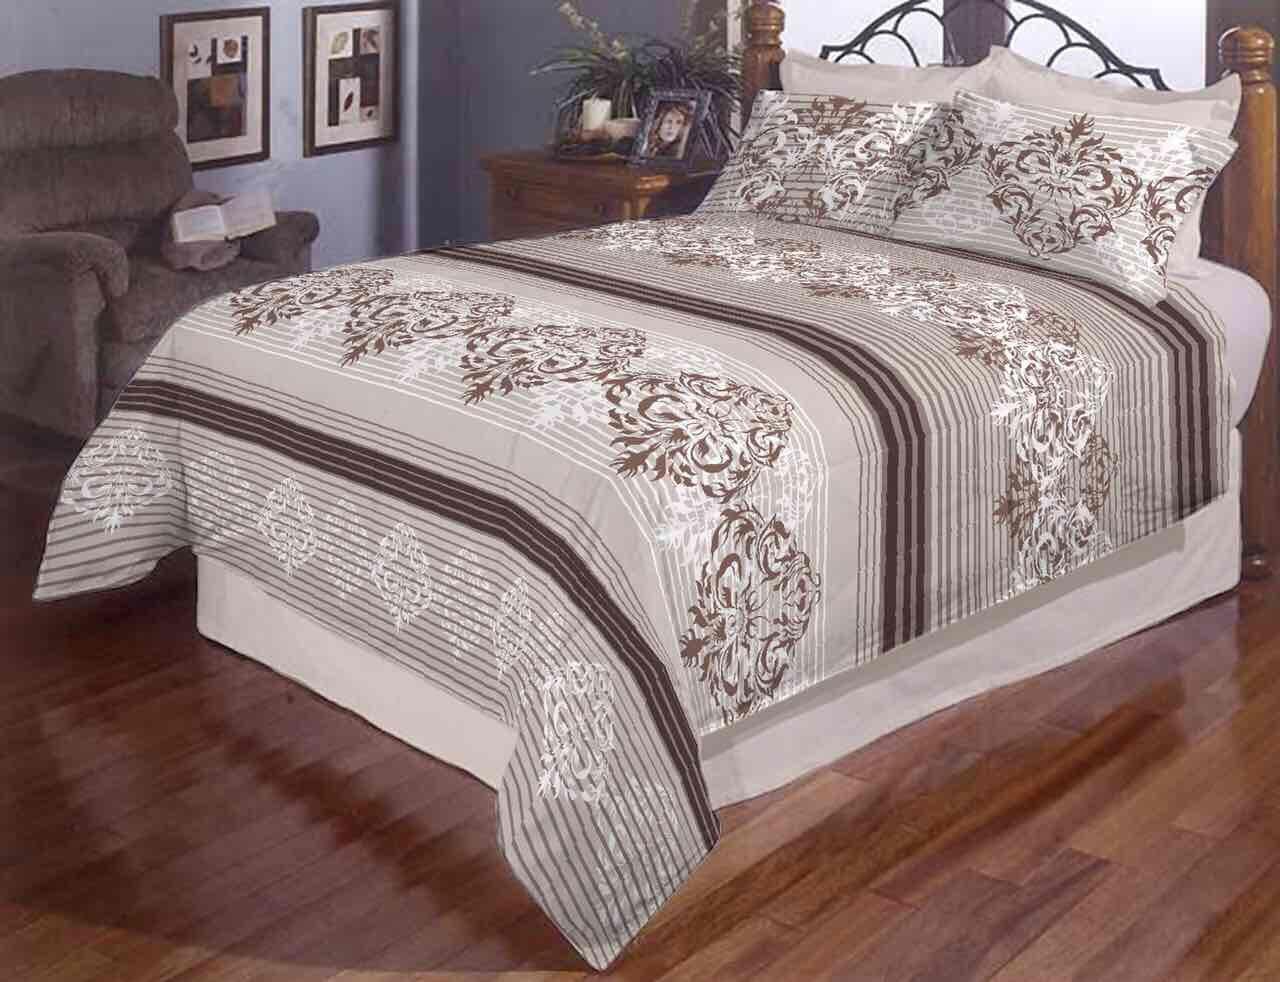 Постільна білизна двоспальне Дрібна смужка + візерунок Gold